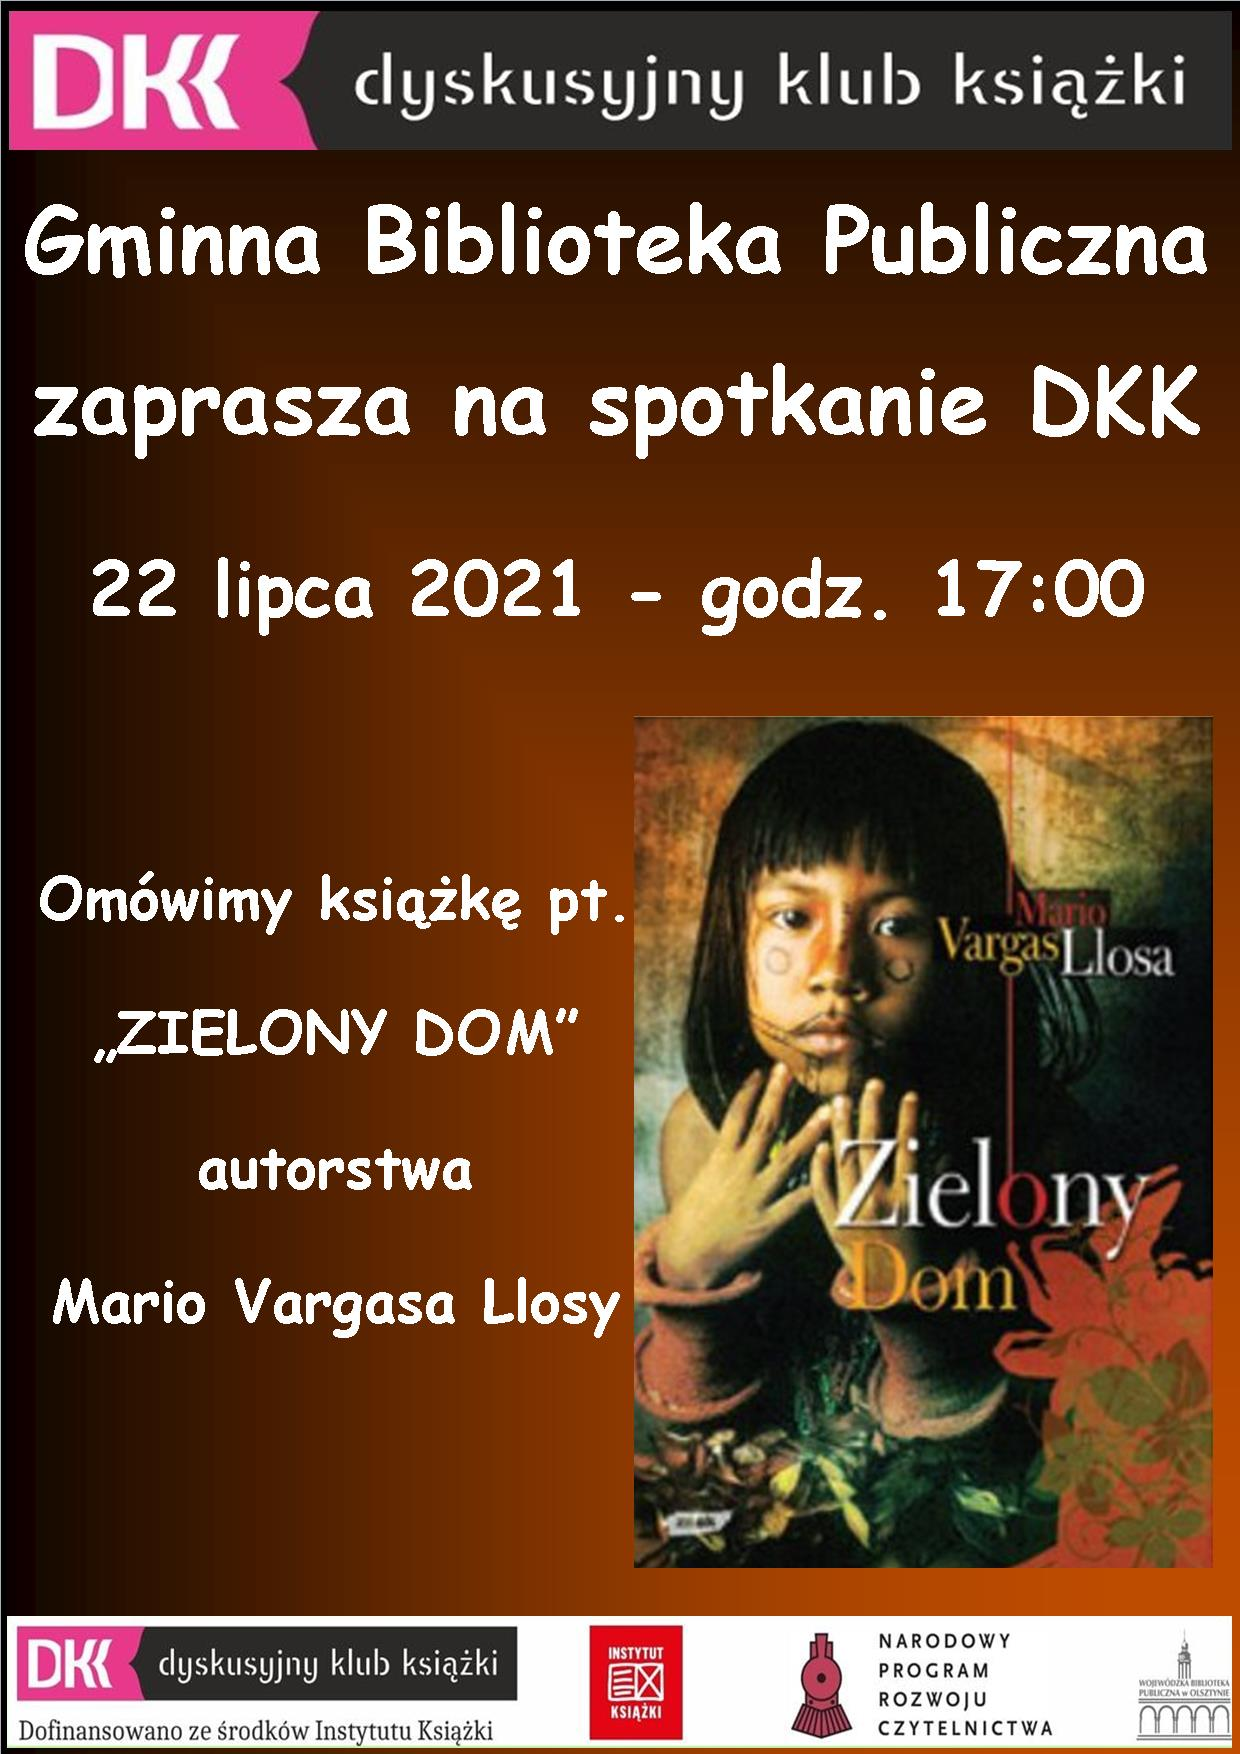 plakat informujący o spotkaniu DKK